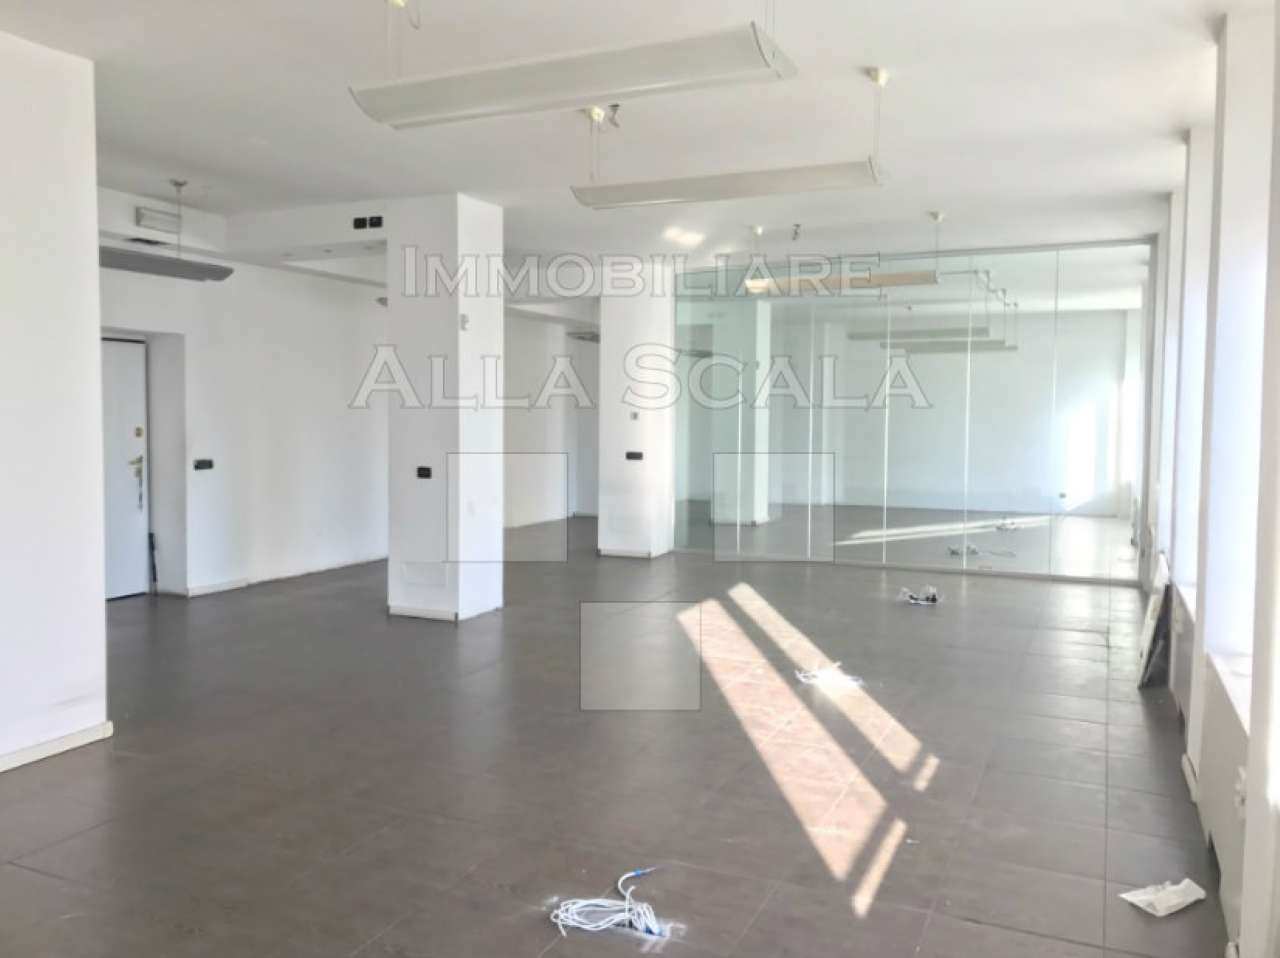 Ufficio-studio in Affitto a Milano 01 Centro storico (Cerchia dei Navigli): 5 locali, 170 mq